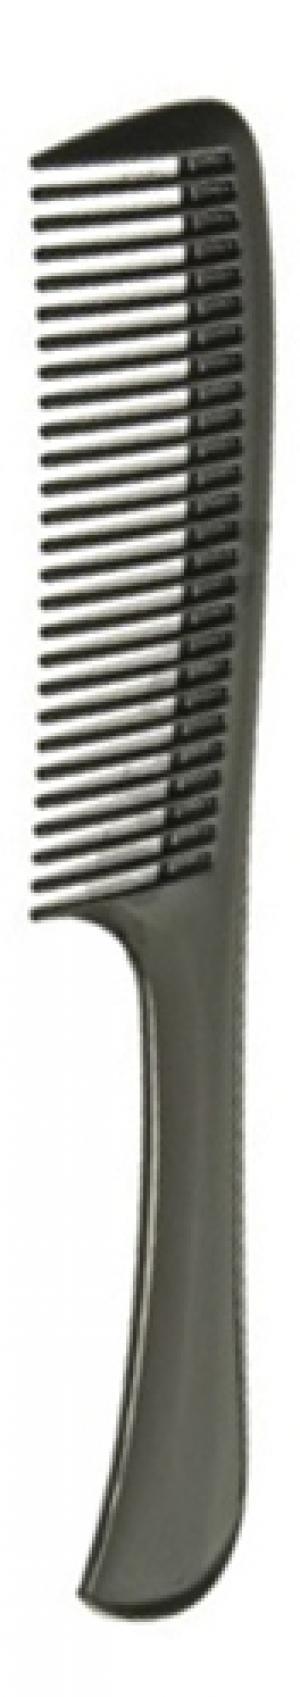 Расческа для волос Eurostil Da-Tangler 22 см - 00-00007251